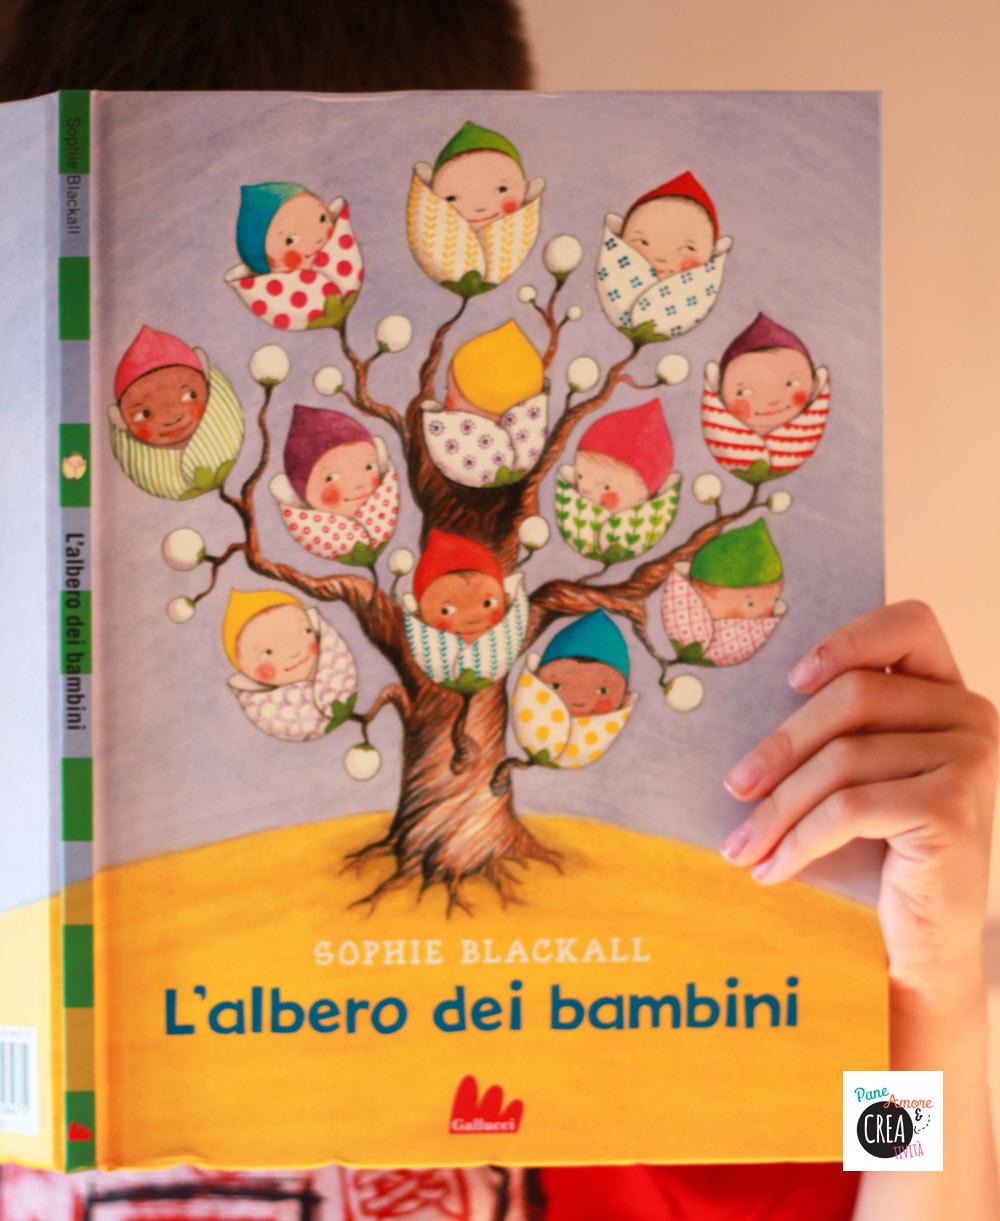 Eccezionale Libri per bambini: L'albero dei bambini - Pane, Amore e Creatività  SL65